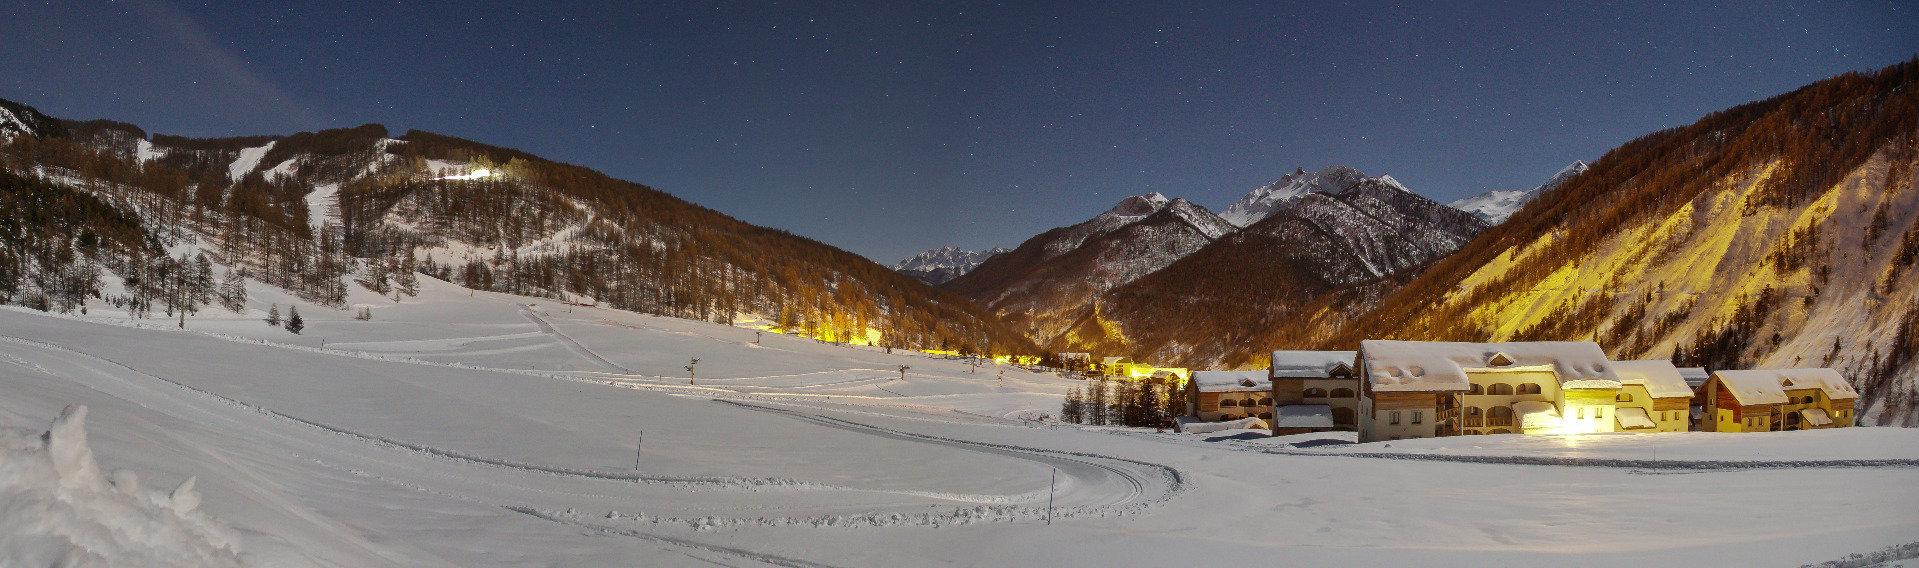 Les Granges d'Arvieux, idéalement situées aux pieds des pistes de ski - © F. Amoros